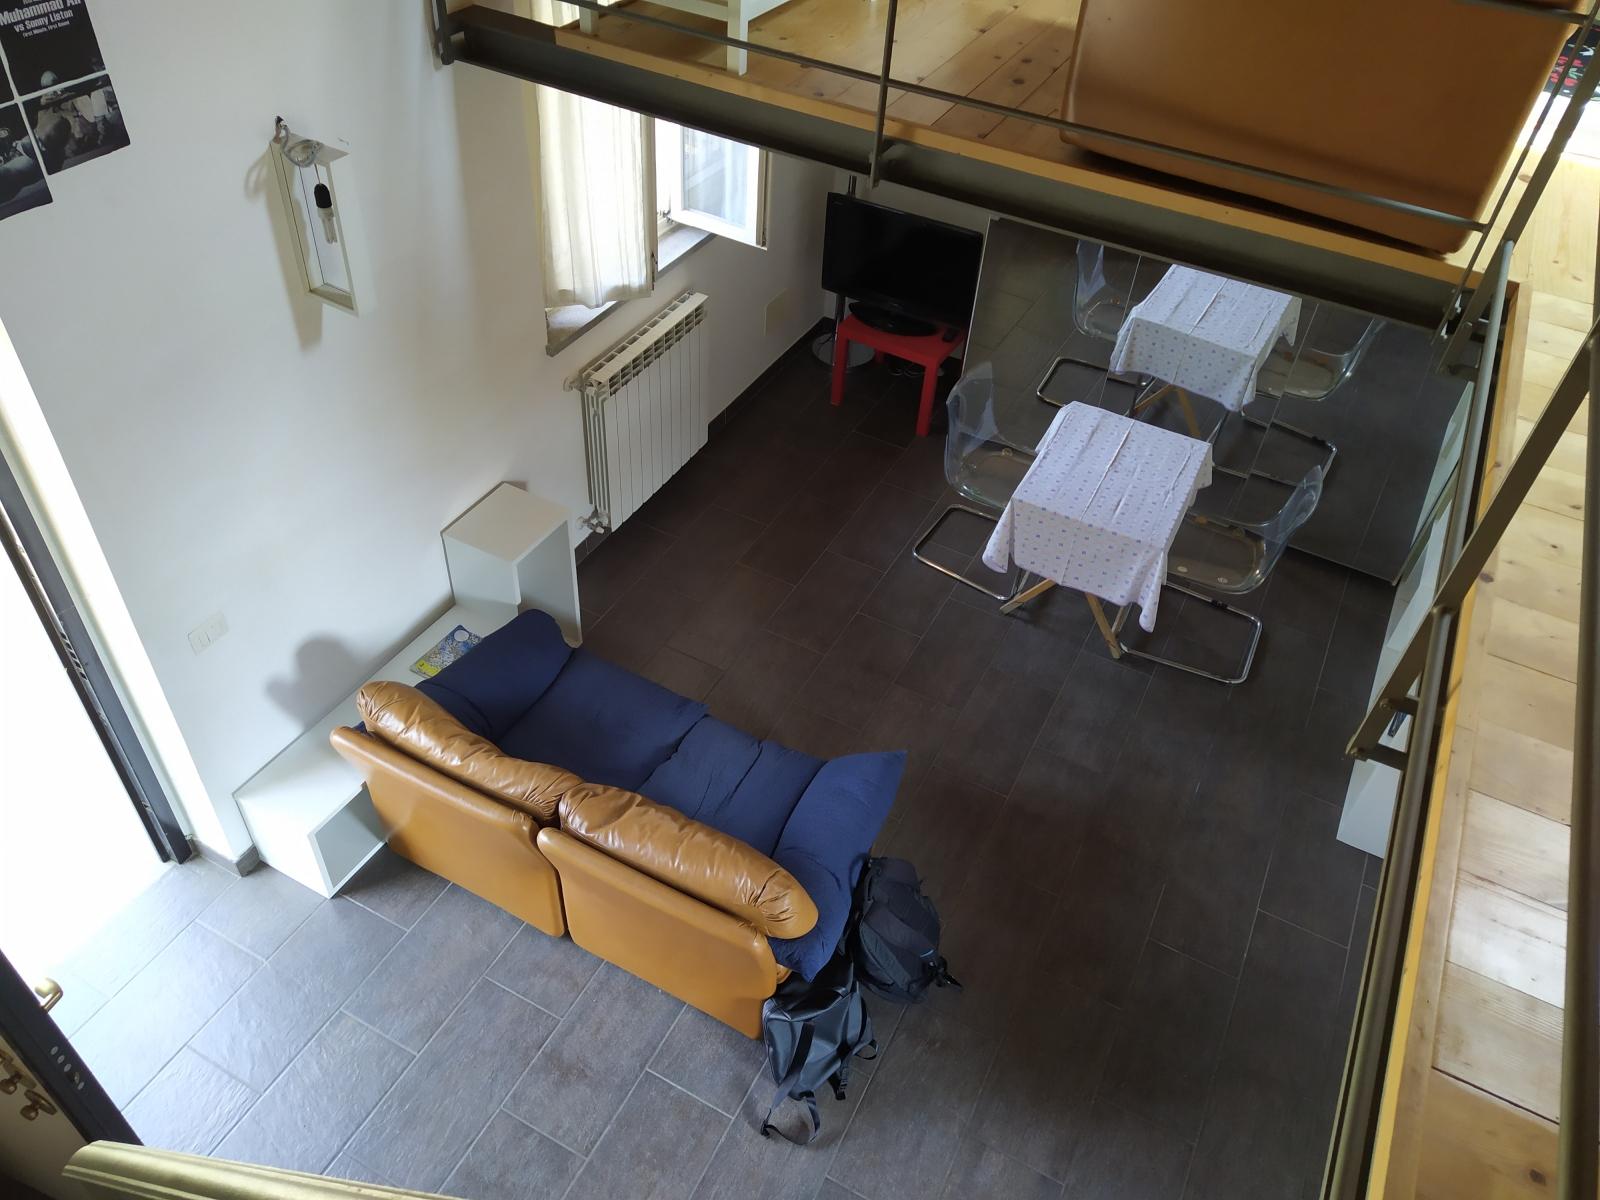 appartamento-in-vendita-milano-baggio-bilocale-spaziourbano-immobiliare-vende-4